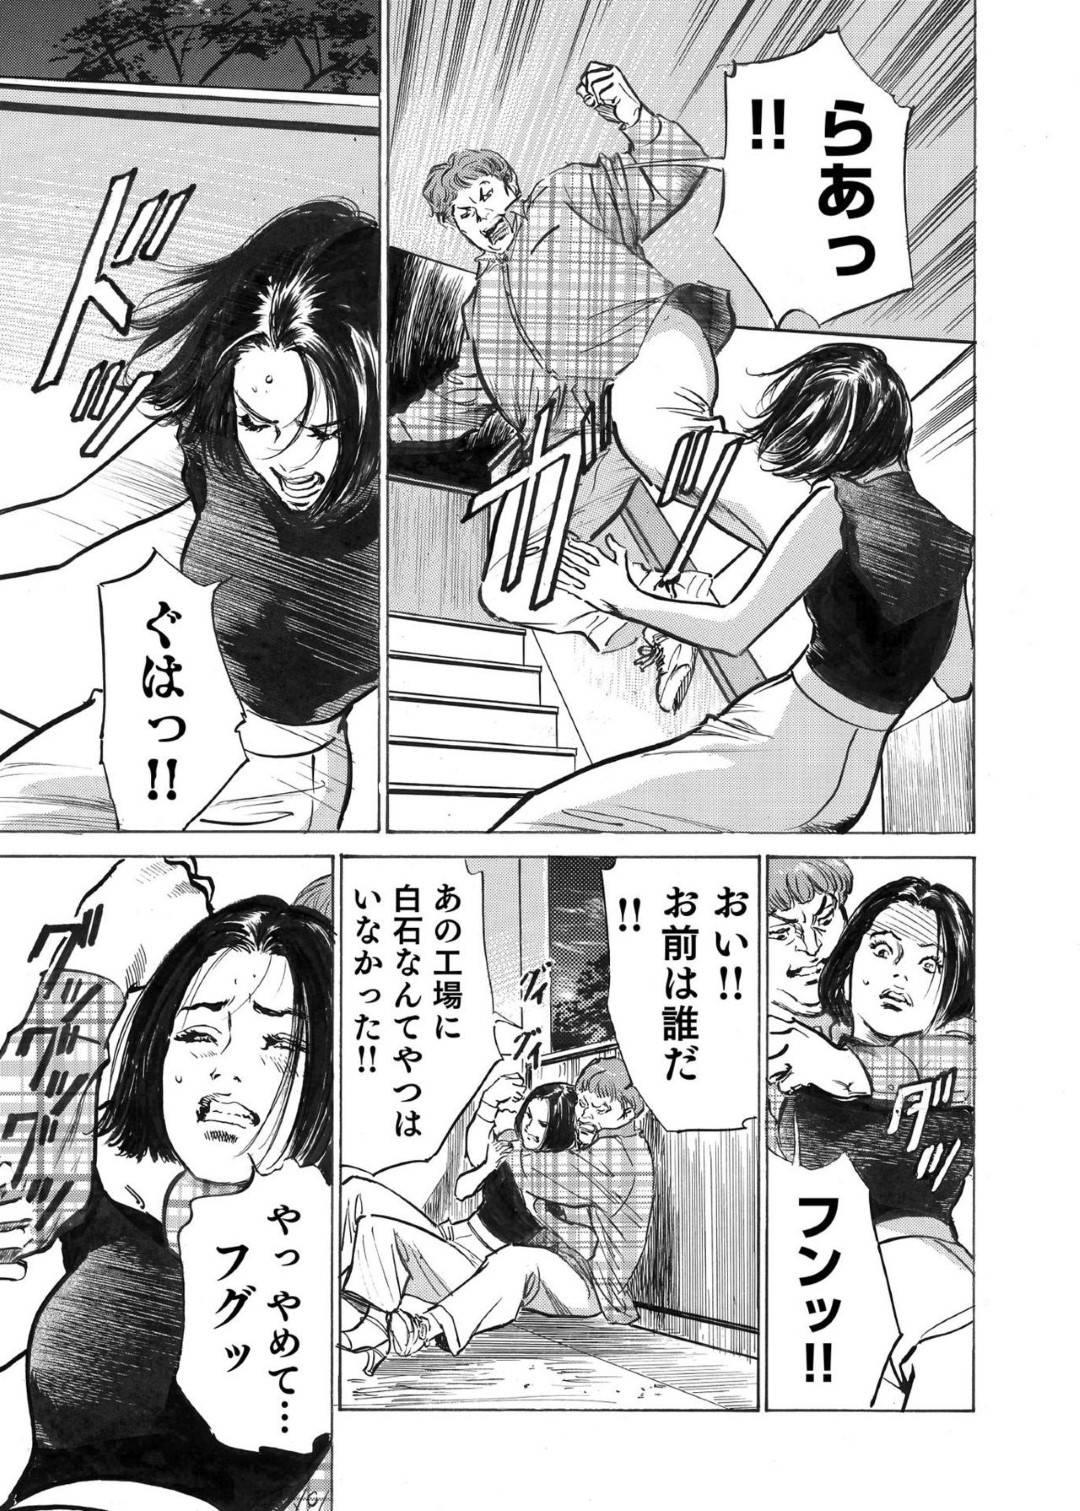 【エロ漫画】男の事を嗅ぎ回っていたのがバレてしまい、廃墟に拉致監禁されてしまったクールなお姉さん…下着姿で椅子に拘束されてしまった彼女は彼に性処理陵辱を受けることになる。